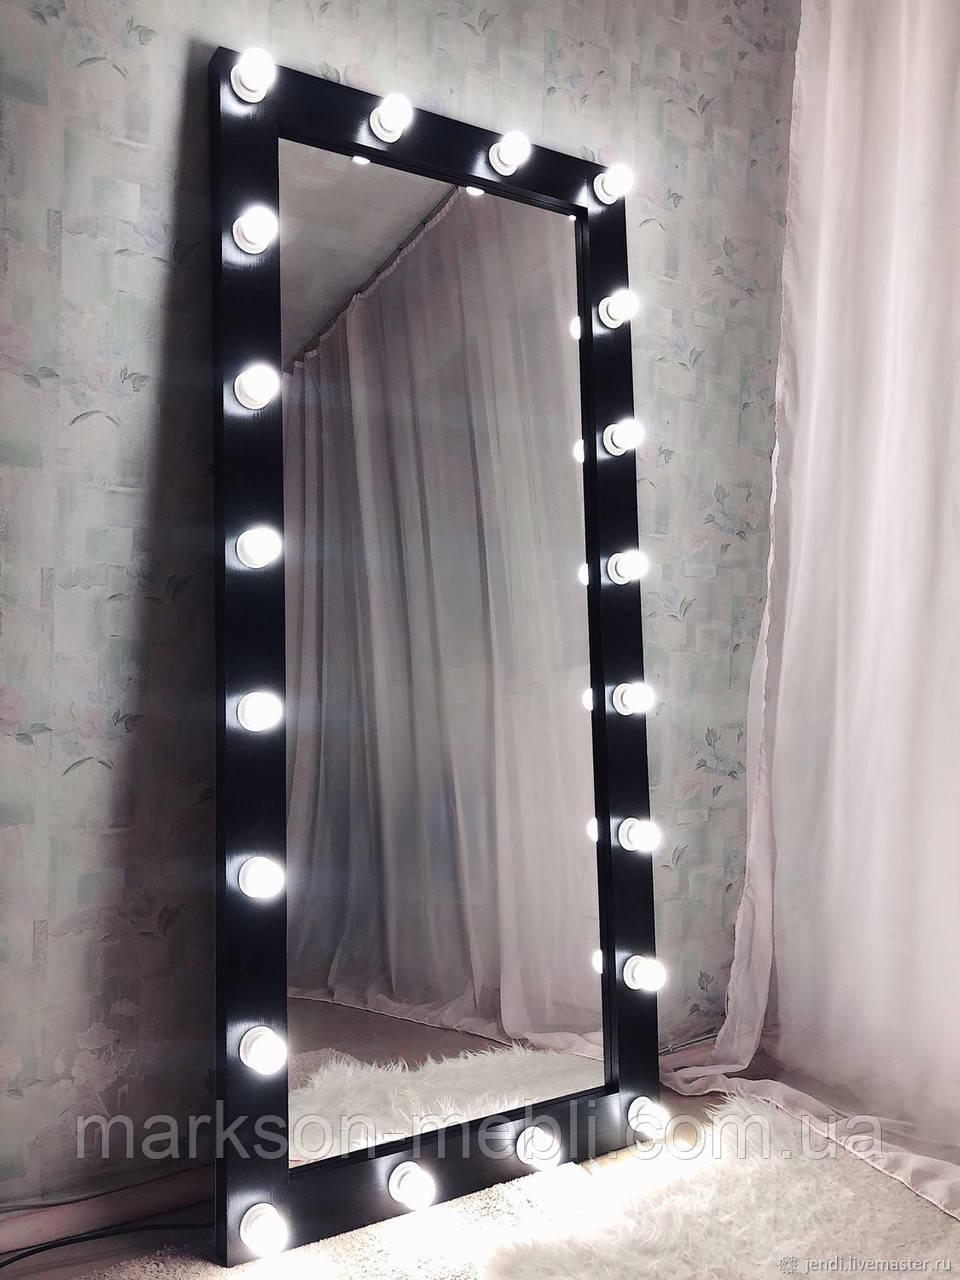 Зеркало ЧЕРНОЕ в полный рост с лампочками по кругу